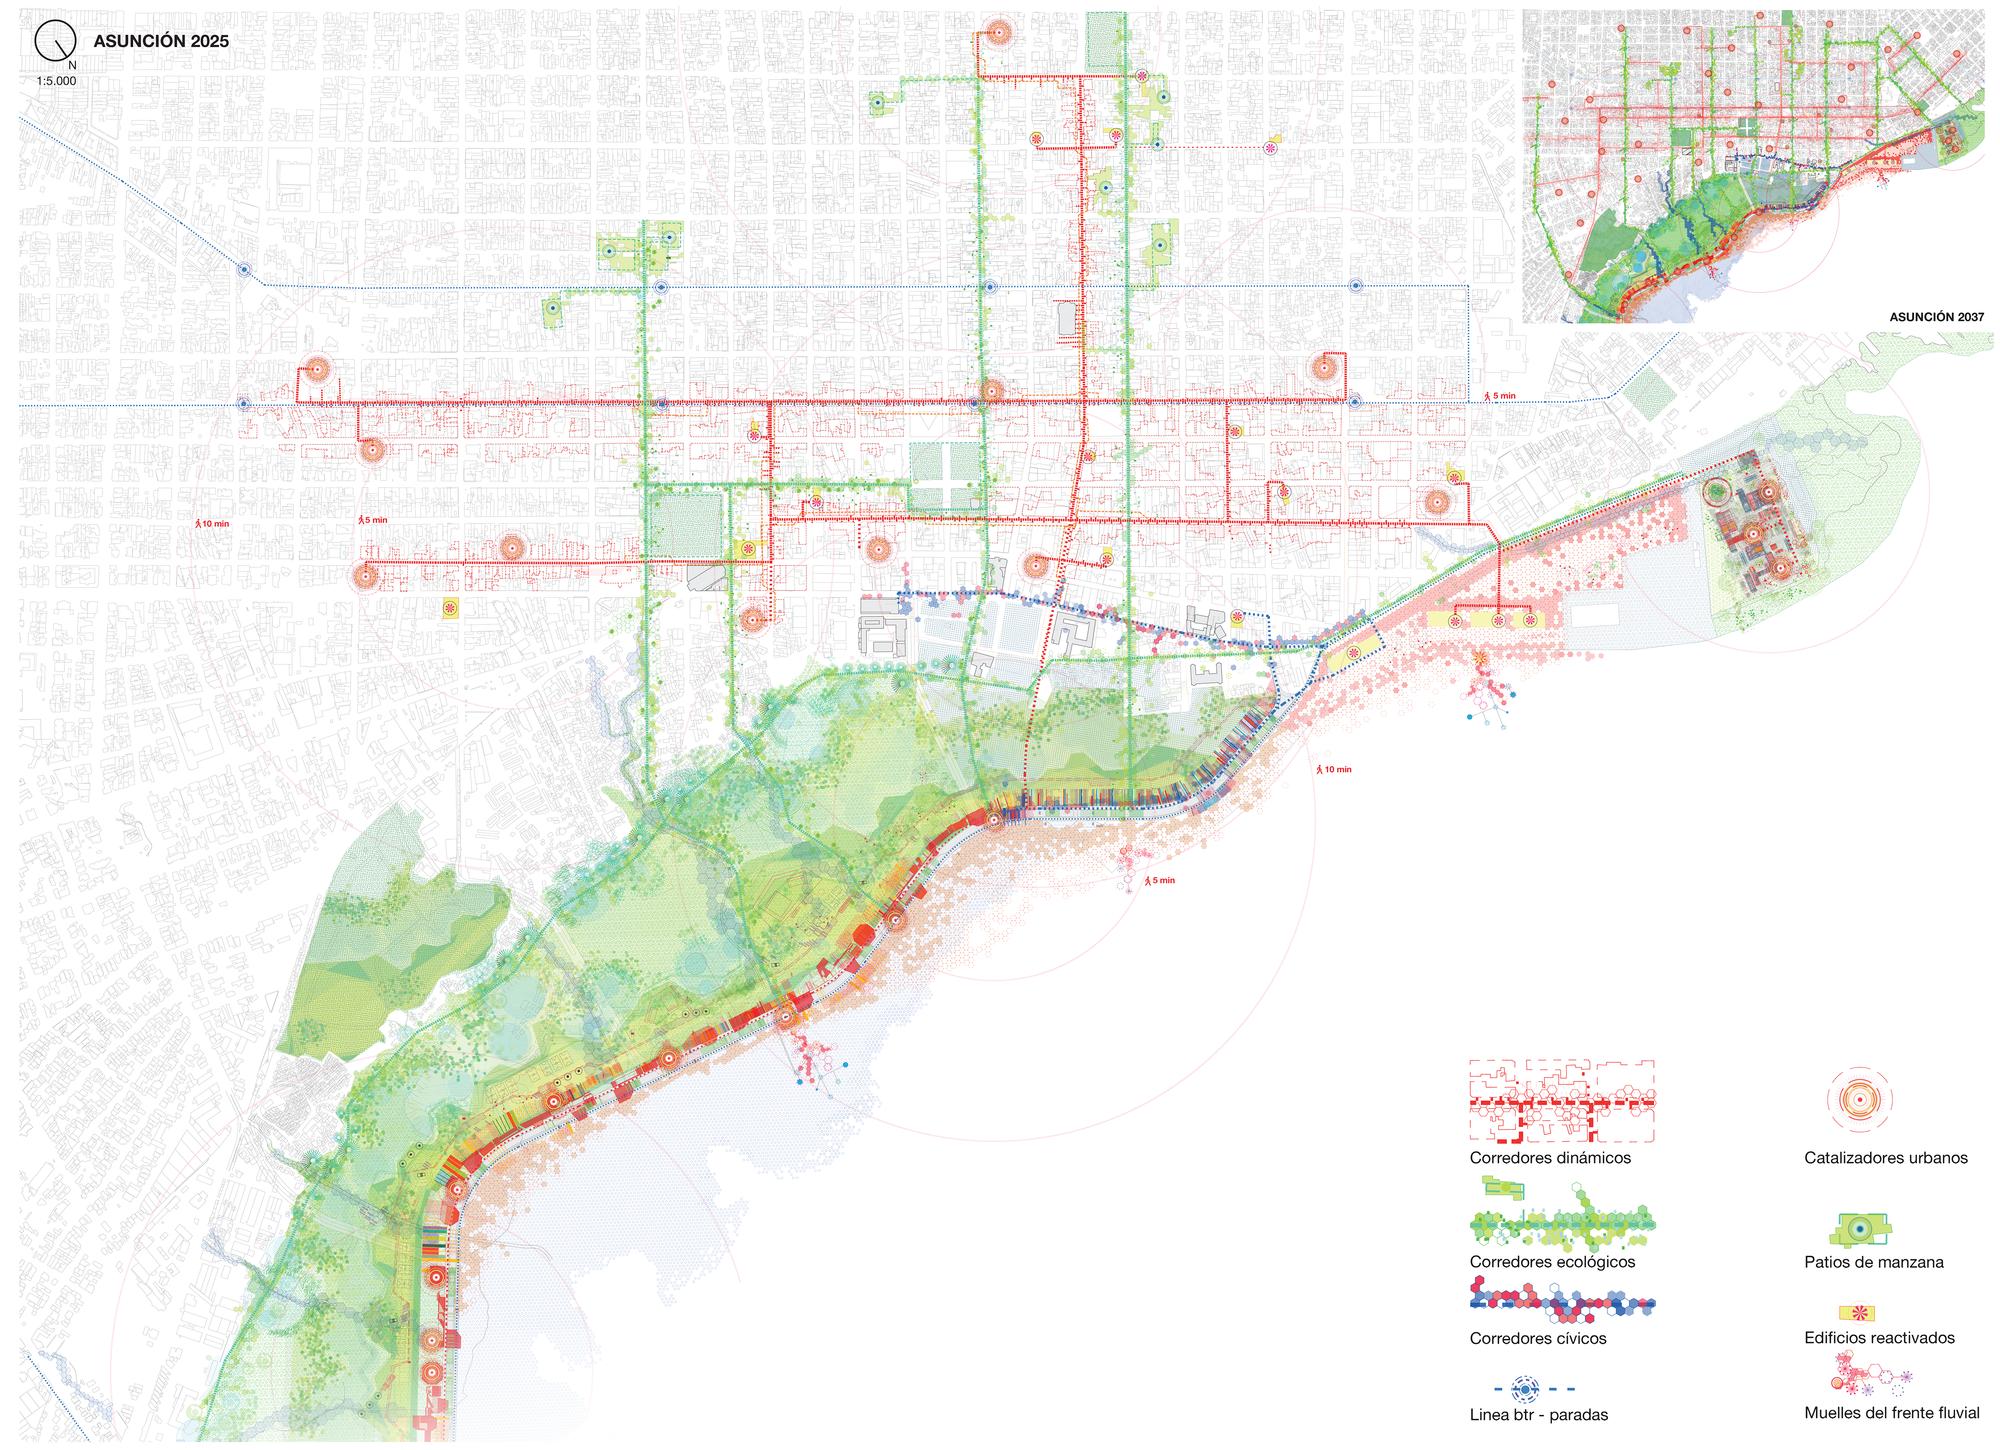 Plano general de la propuesta, mostrando la distribución de los corredores dinámicos, ecológicos y cívicos, así como los edificios catalizadores, los muelles fluviales y las principales paradas de transporte público.. Image © Ecosistema Urbano